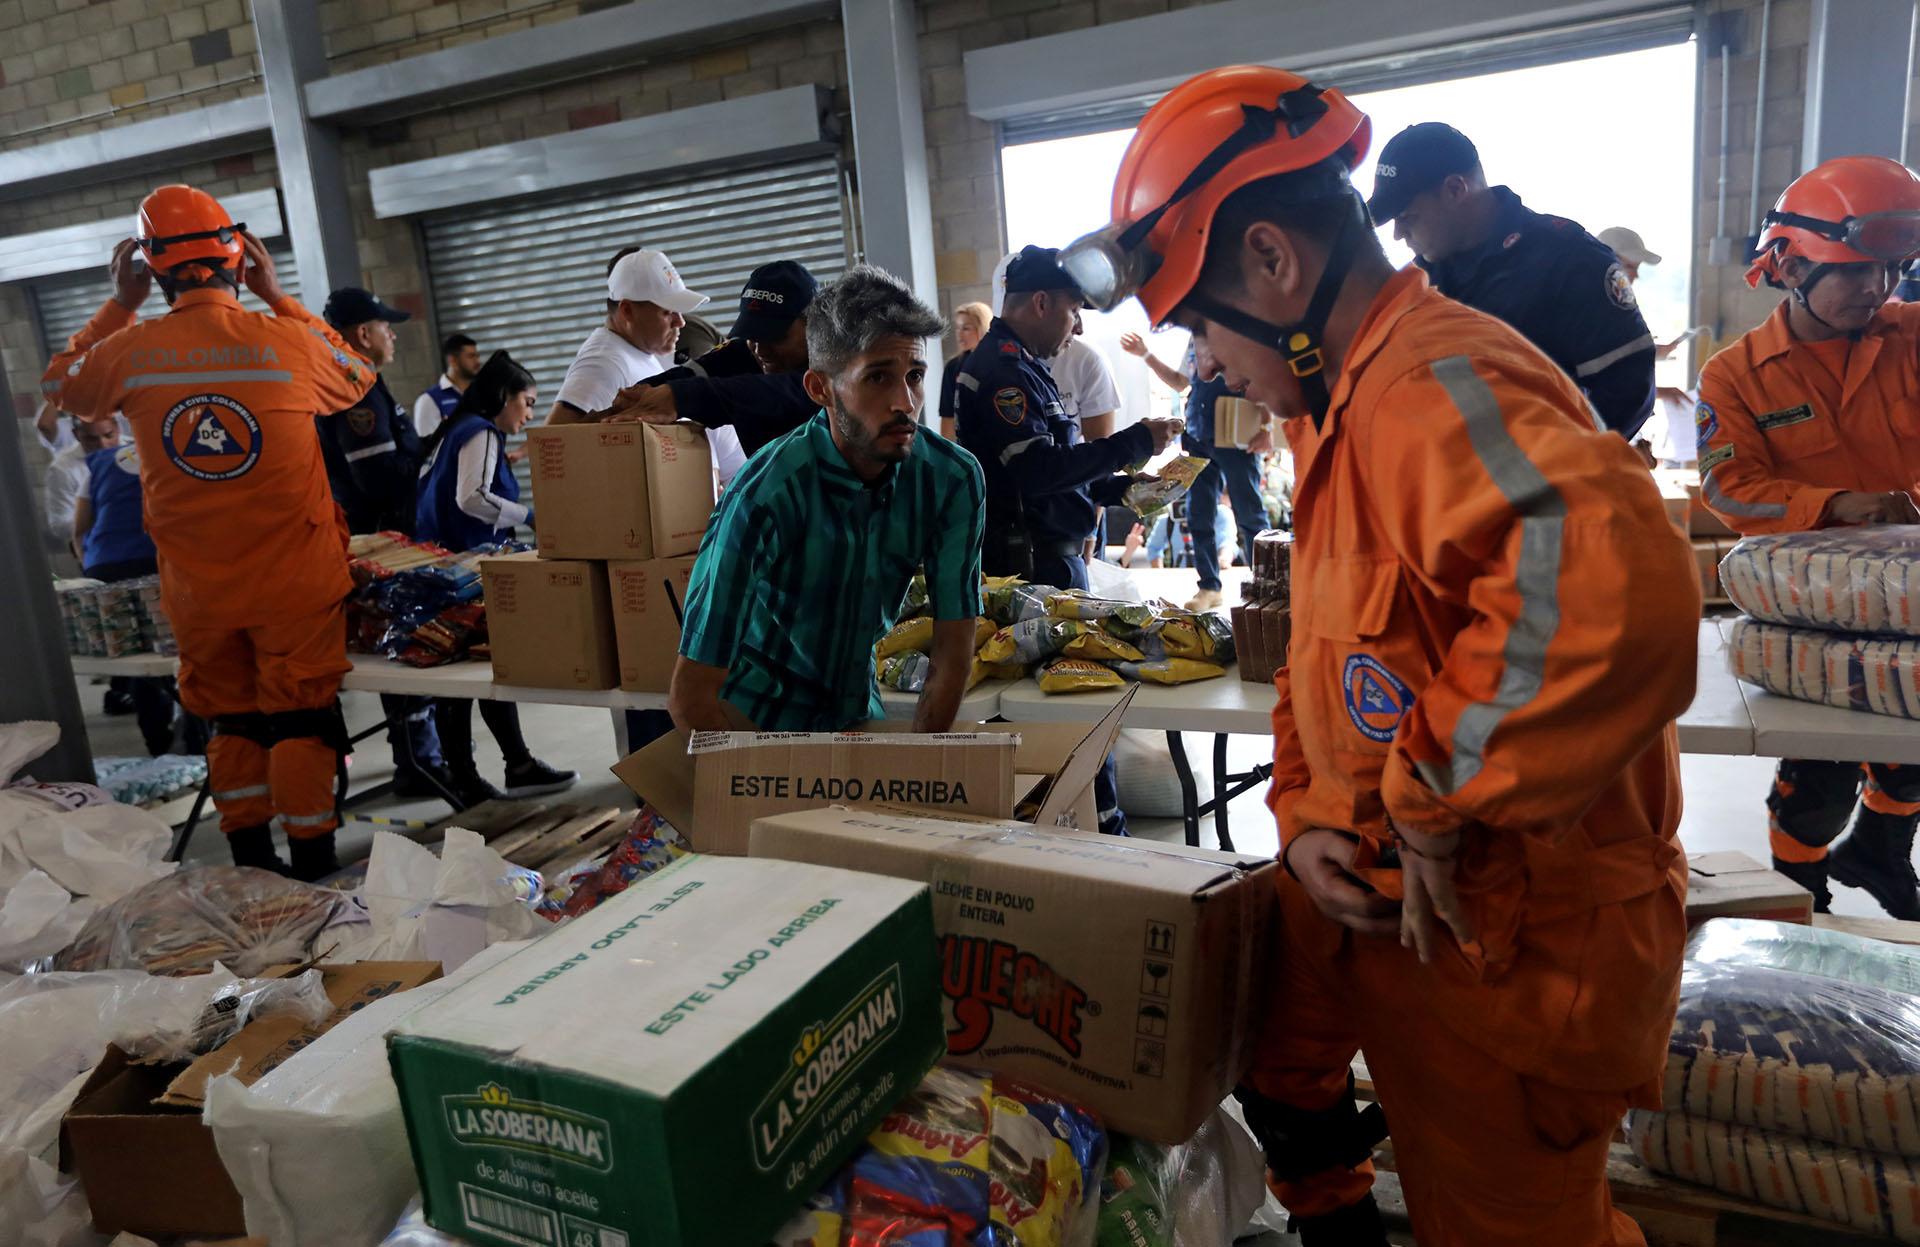 """En respuesta, Guaidó advirtió que hará """"lo necesario"""" para """"salvar vidas"""", sin descartar la intervención de una fuerza extranjera, al tiempo que pidió a los militares no bloquear la entrada de los cargamentos humanitarios"""